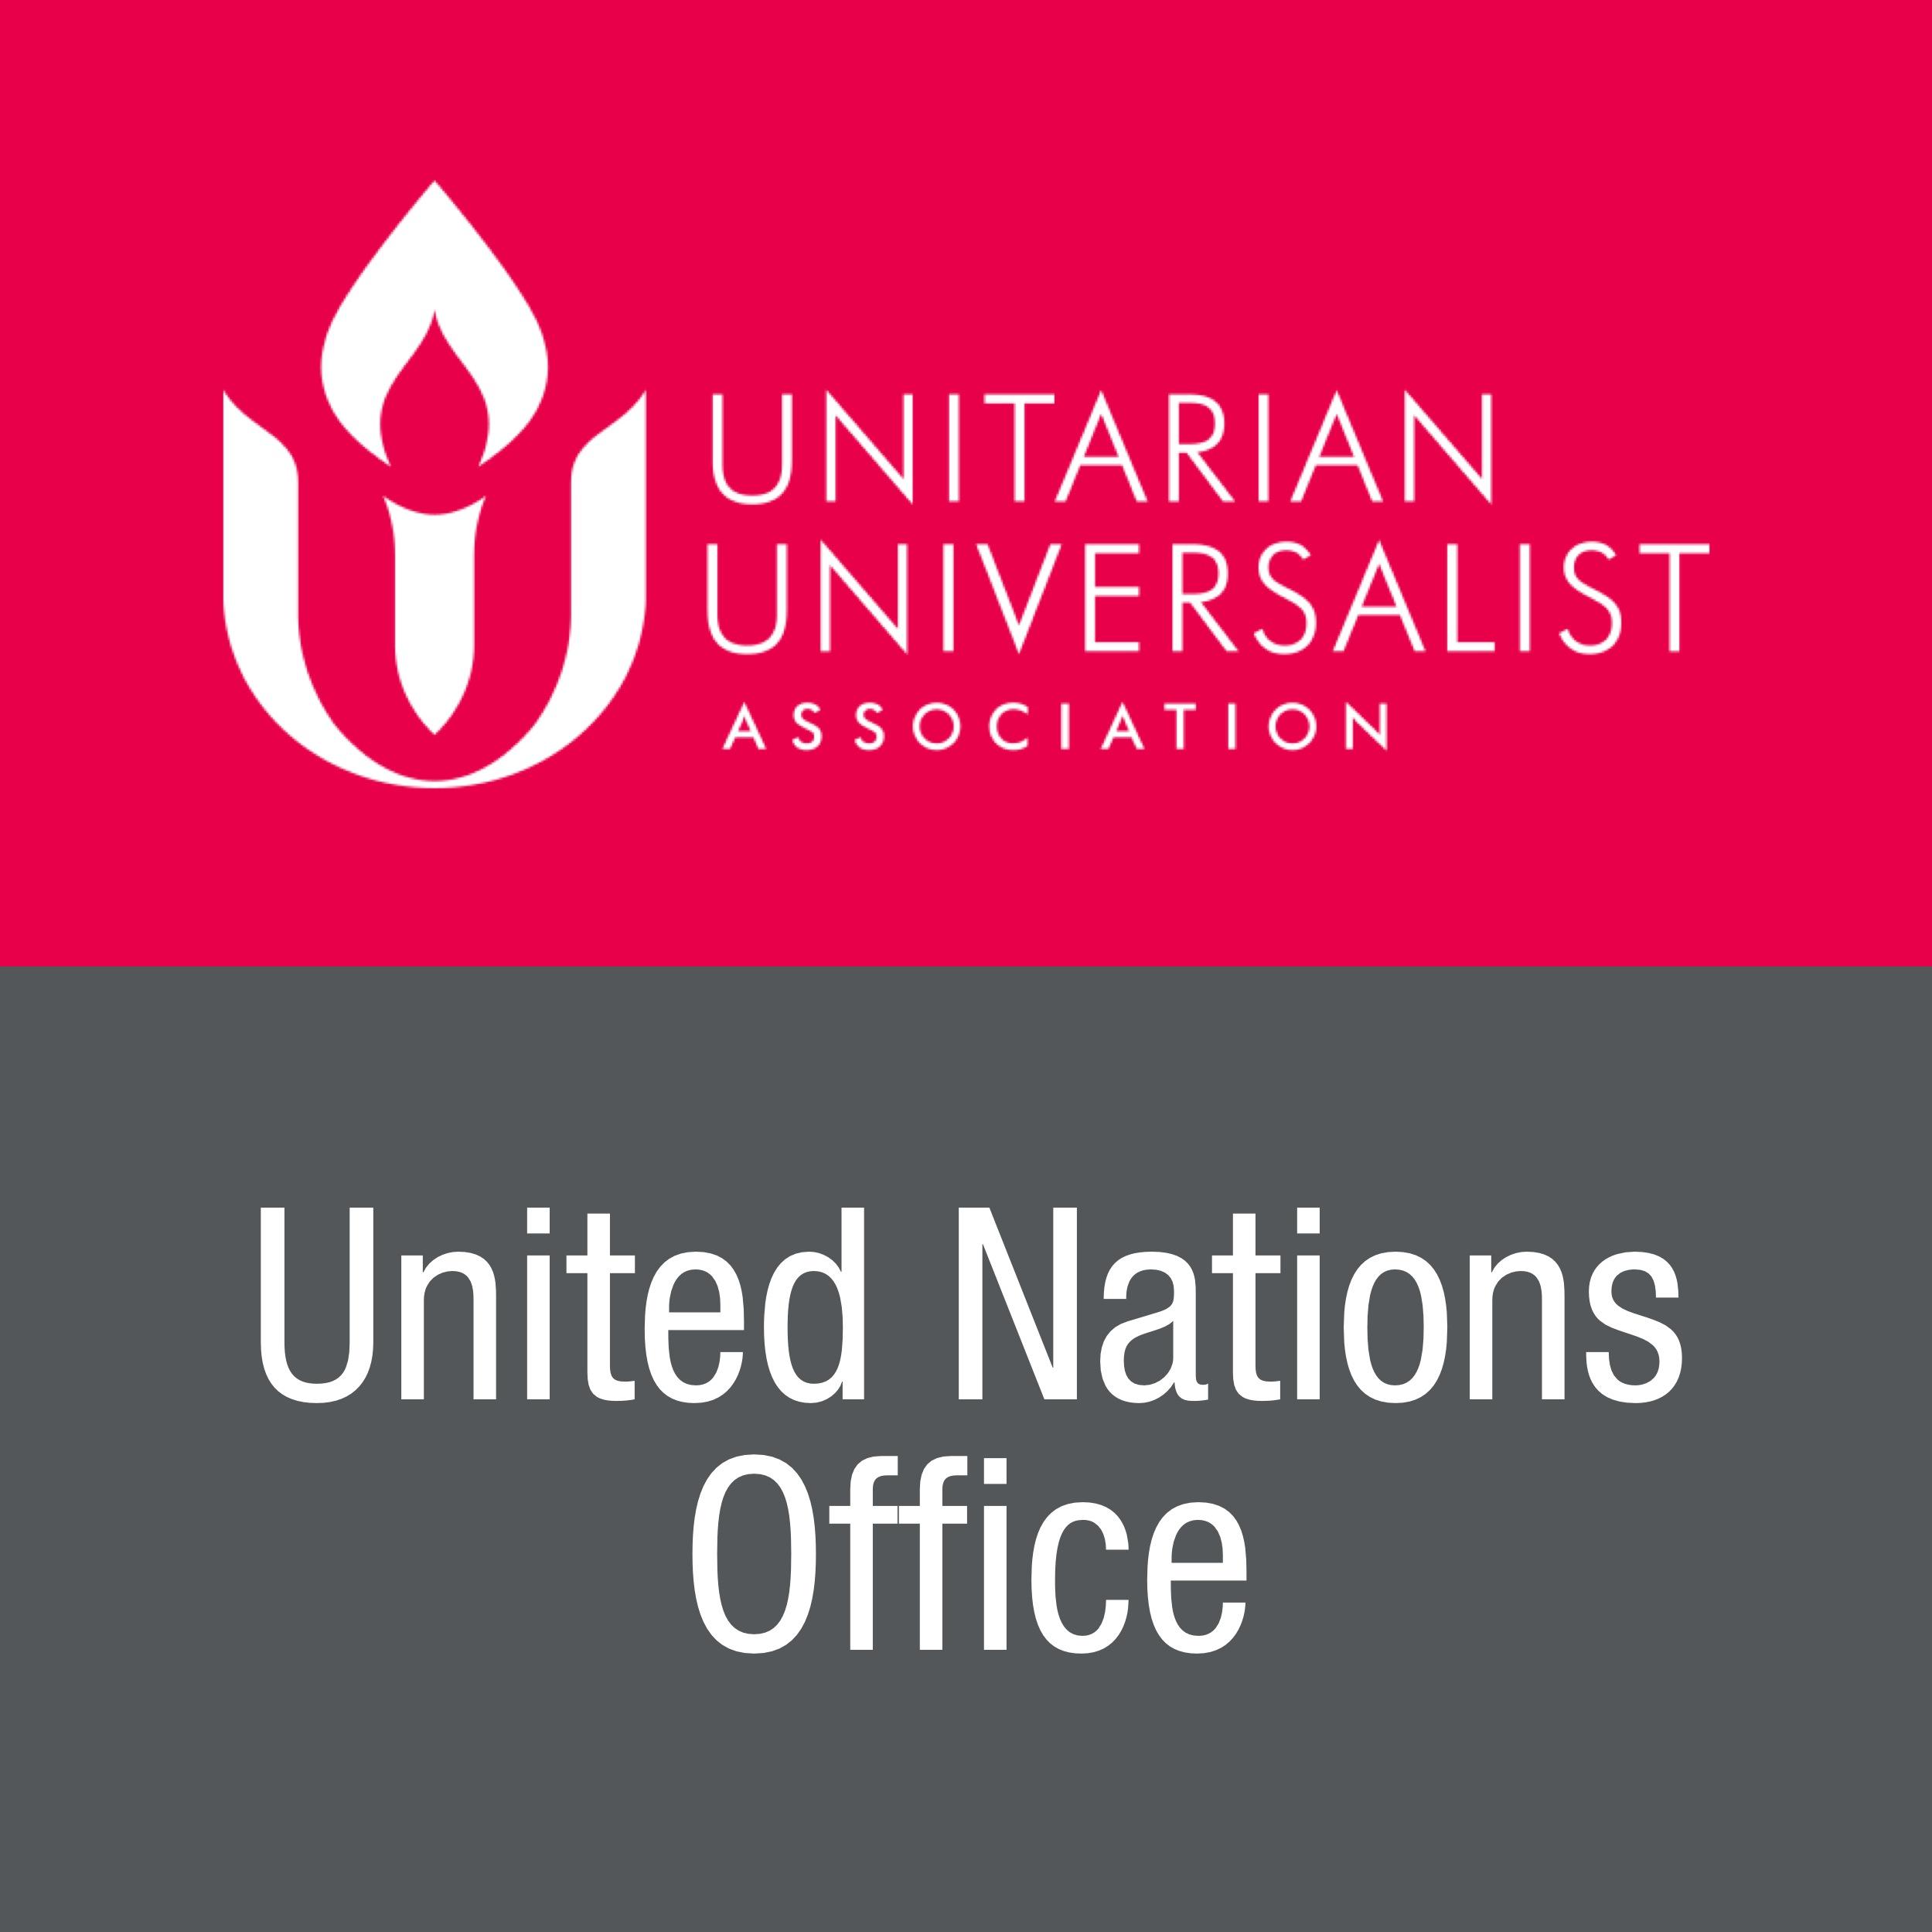 UU-UNO logo